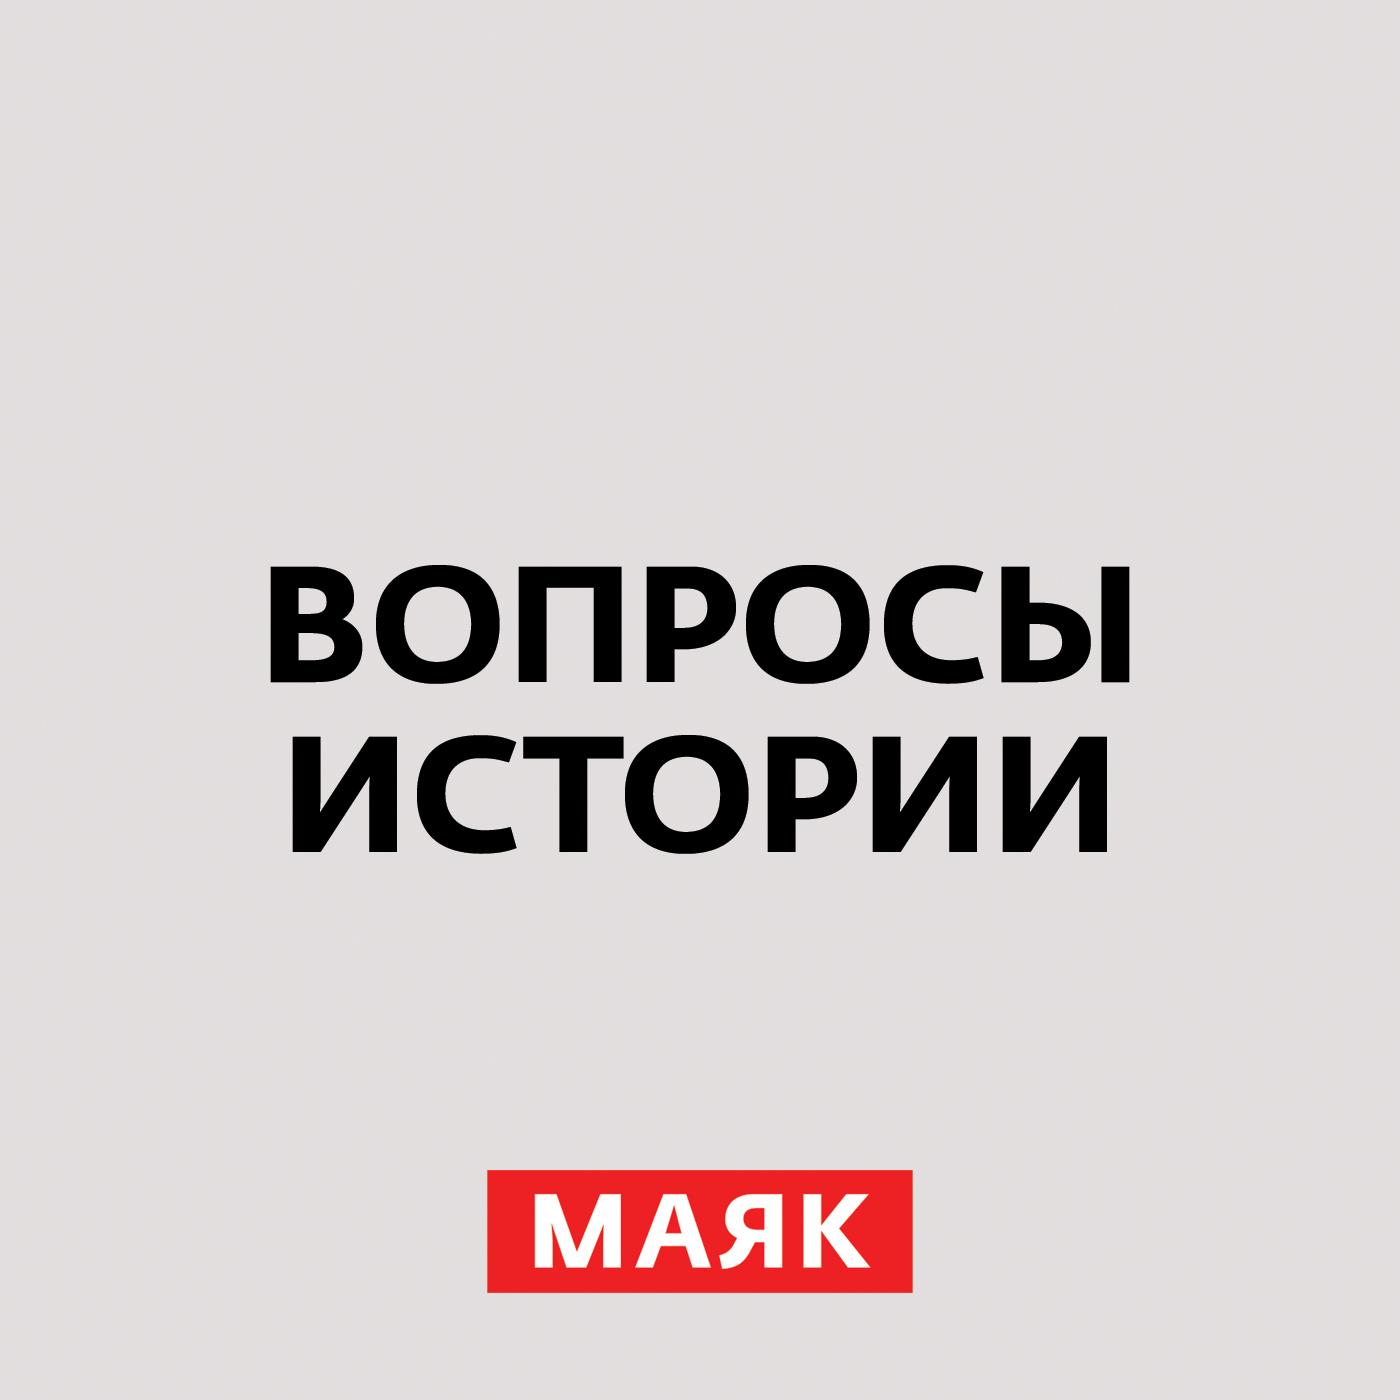 Андрей Светенко Минин и Пожарский перевернули весь порядок вещей андрей светенко при хрущёве люди освободились от страха